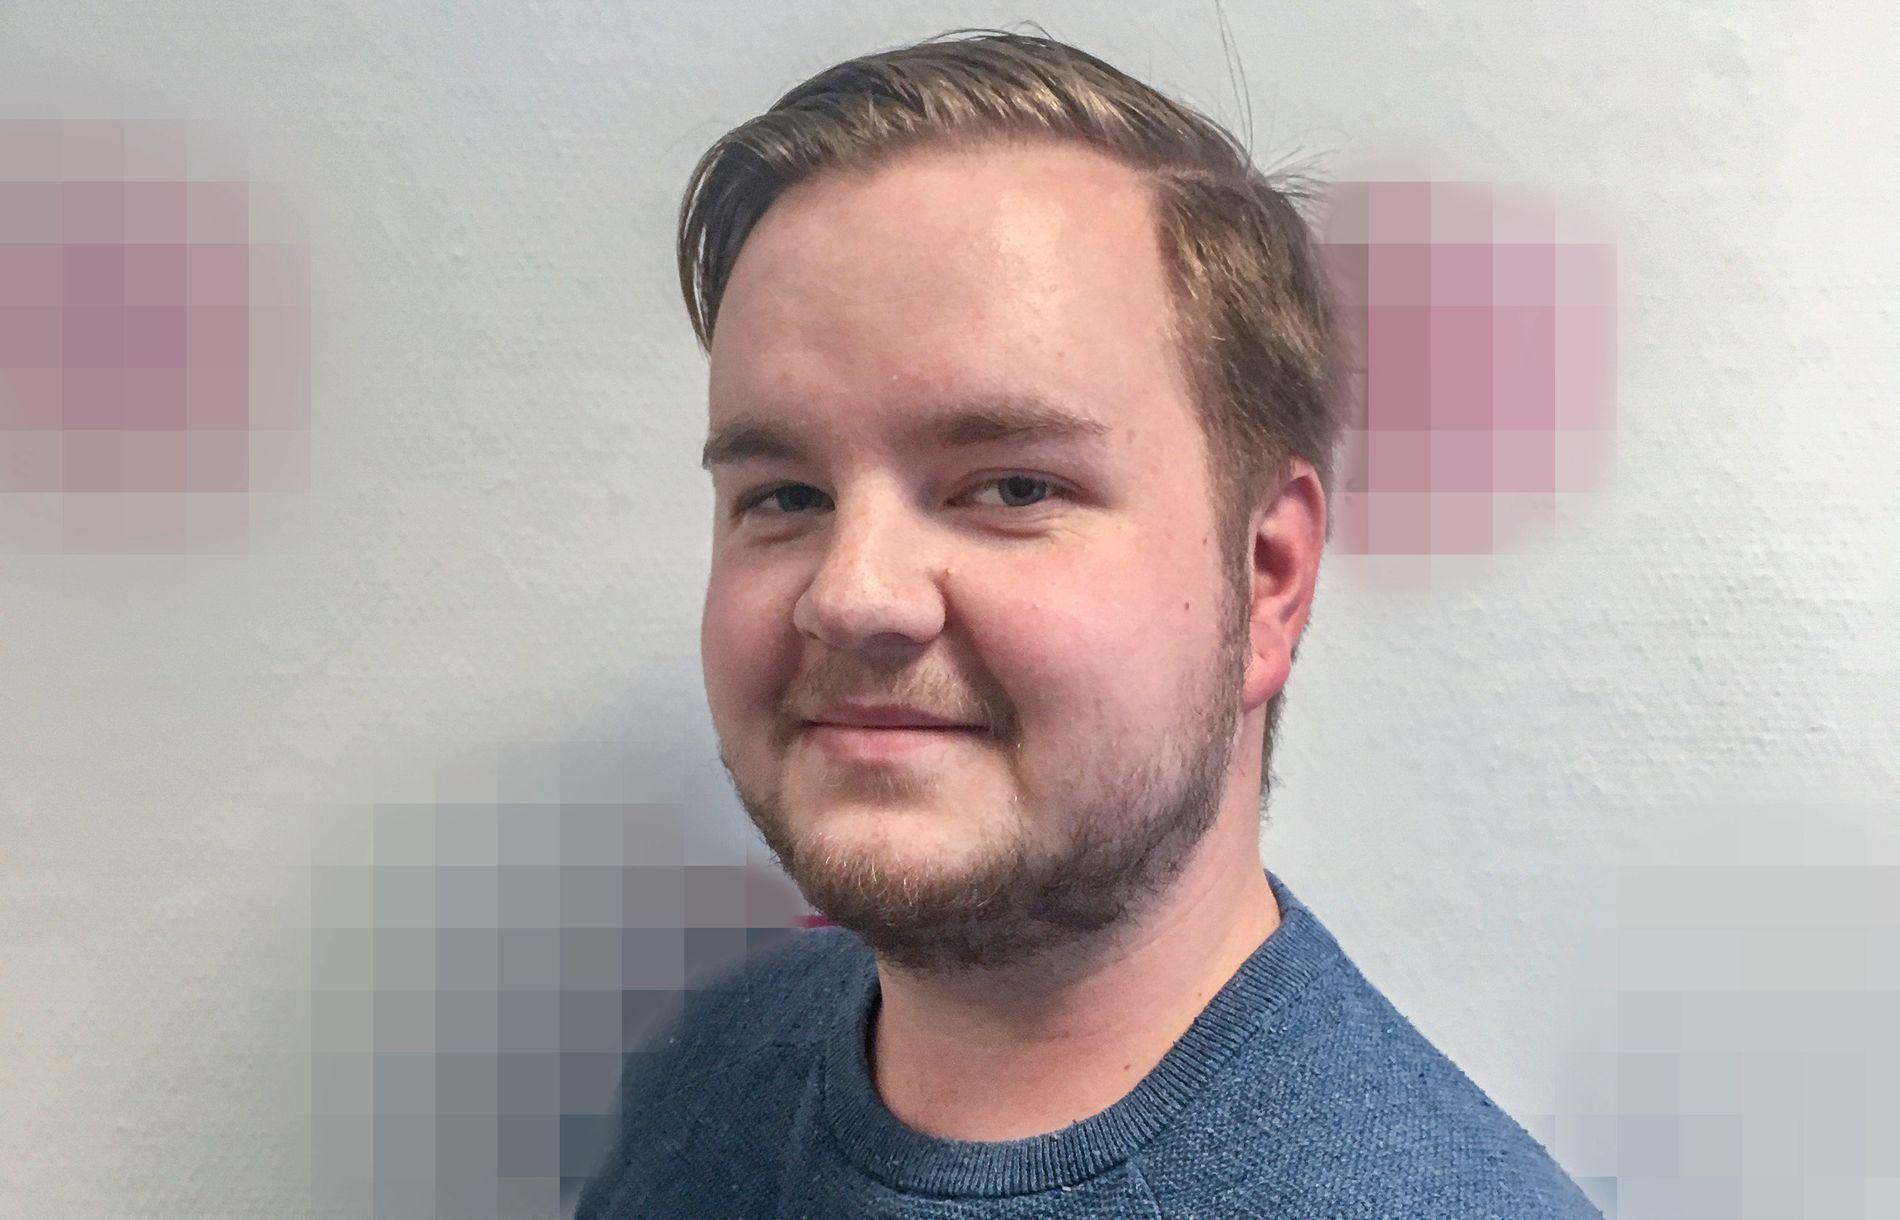 OFFERET: Heikki Bjørklund Paltto (24) fra Mysen ble funnet brutalt knivdrept i kollektivet der han bodde på Majorstuen i Oslo.